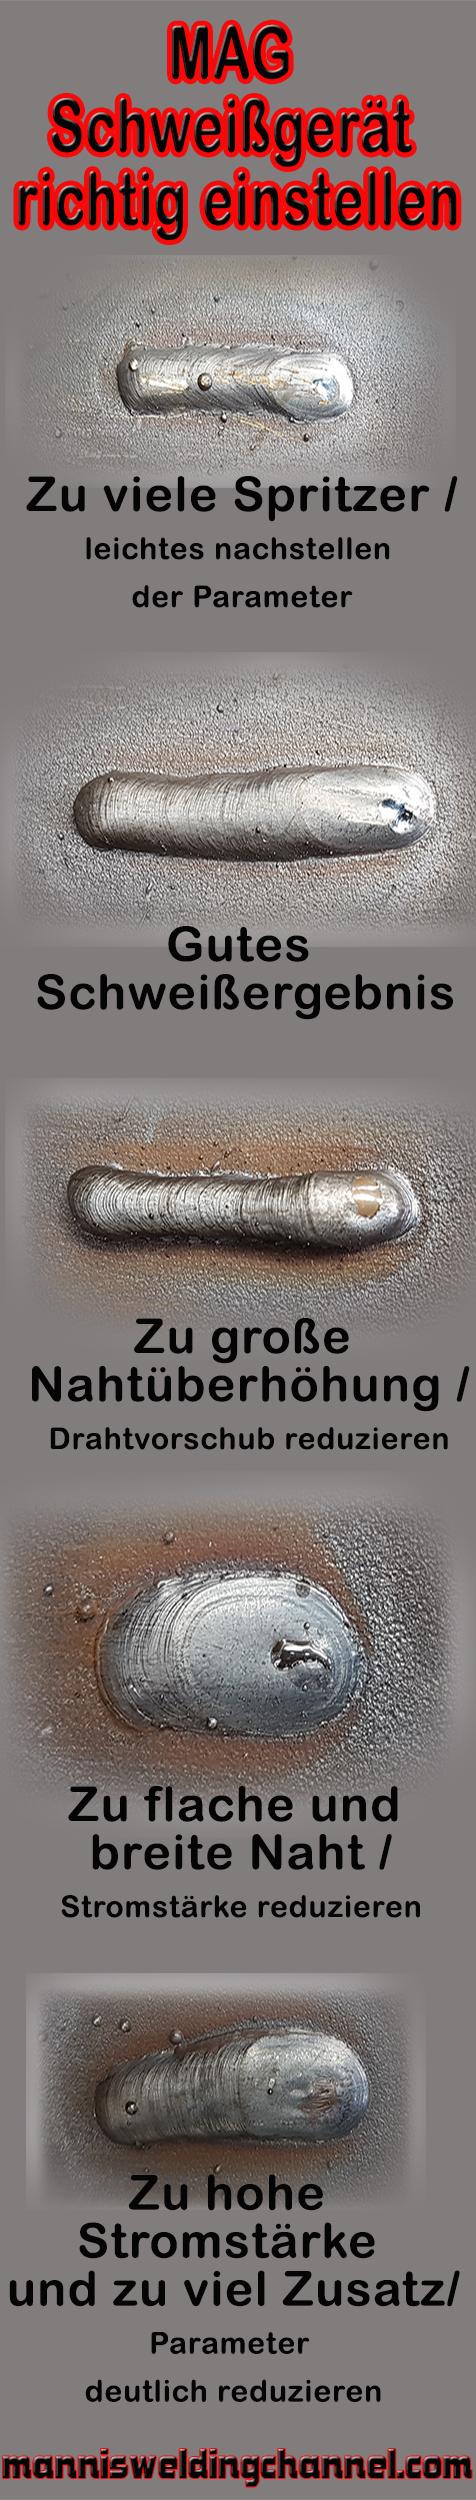 MAG Schweißgerät richtig einstellen - Mannis Welding Channel